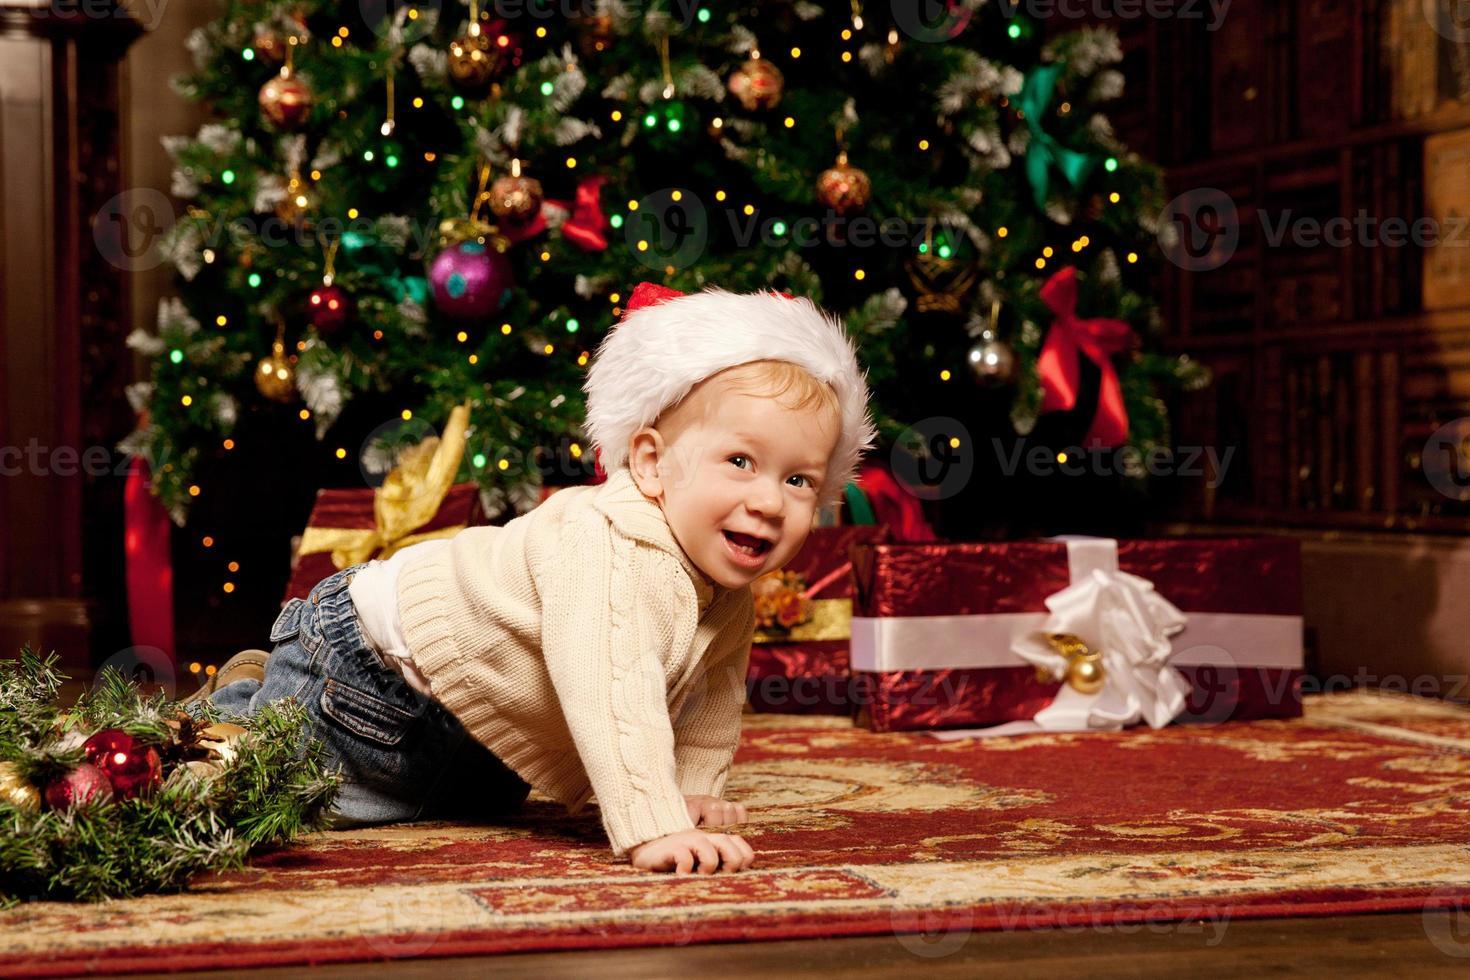 bambino vicino all'albero di natale. ragazzino che celebra il Natale. foto